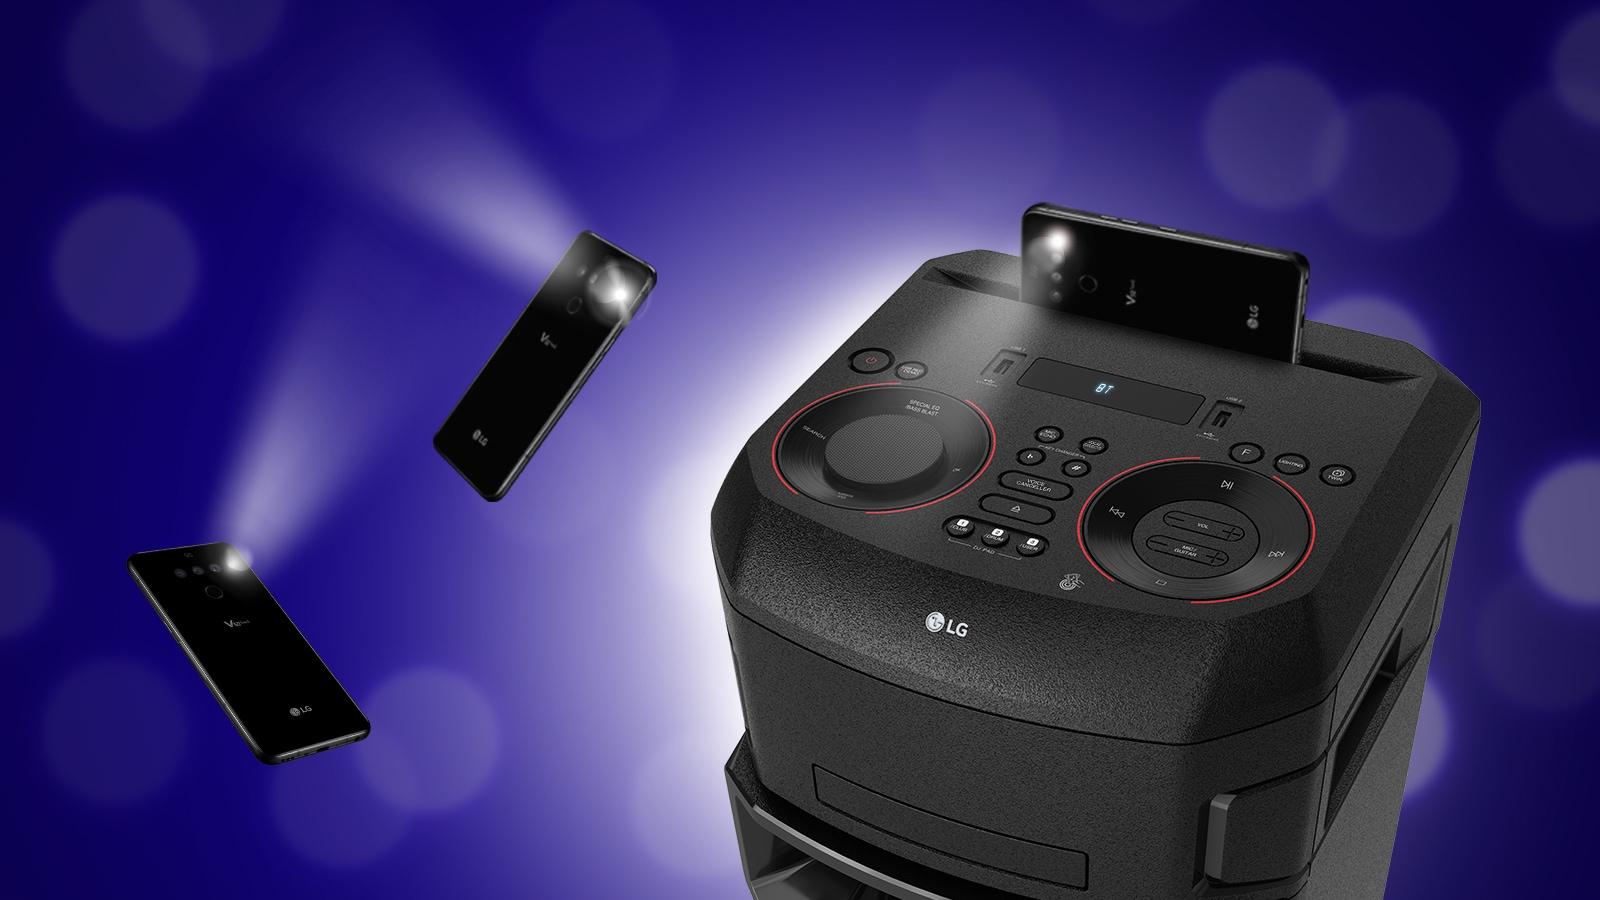 Pogled od blizu na vrh sistema LG XBOOM. Okoli njega sta dva pametna telefona z utripajočimi lučmi.